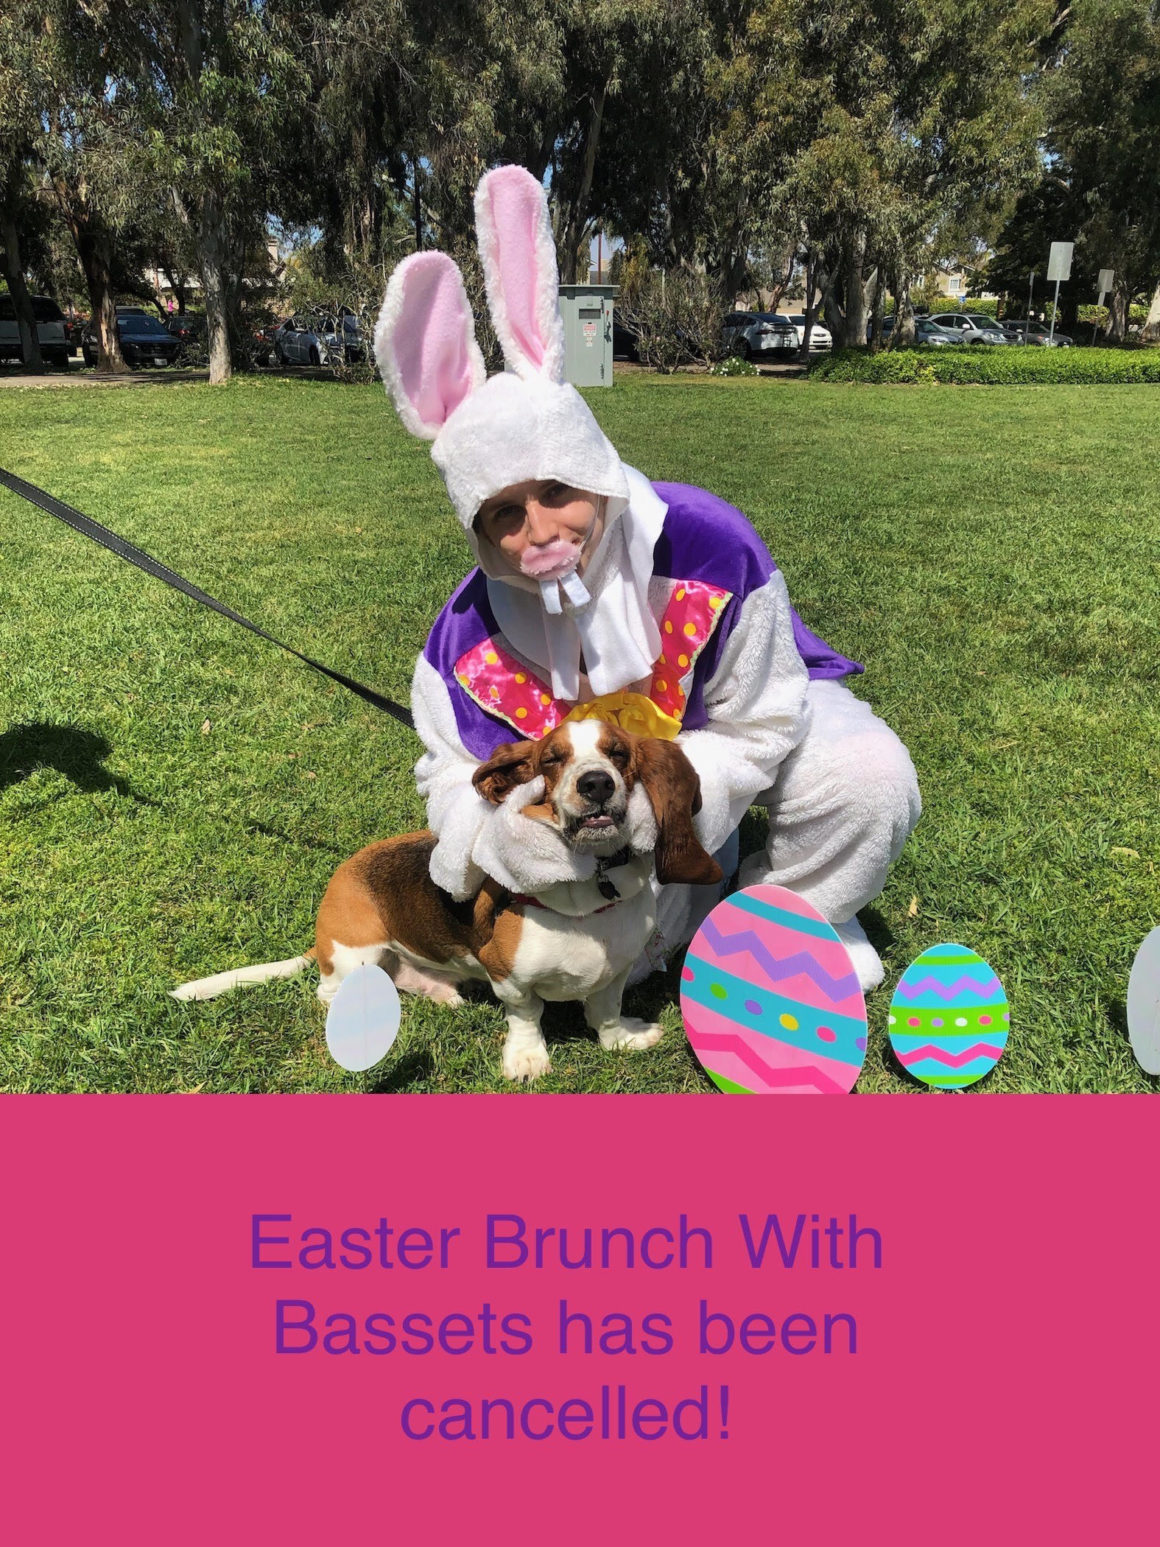 Easter Brunch Cancelled